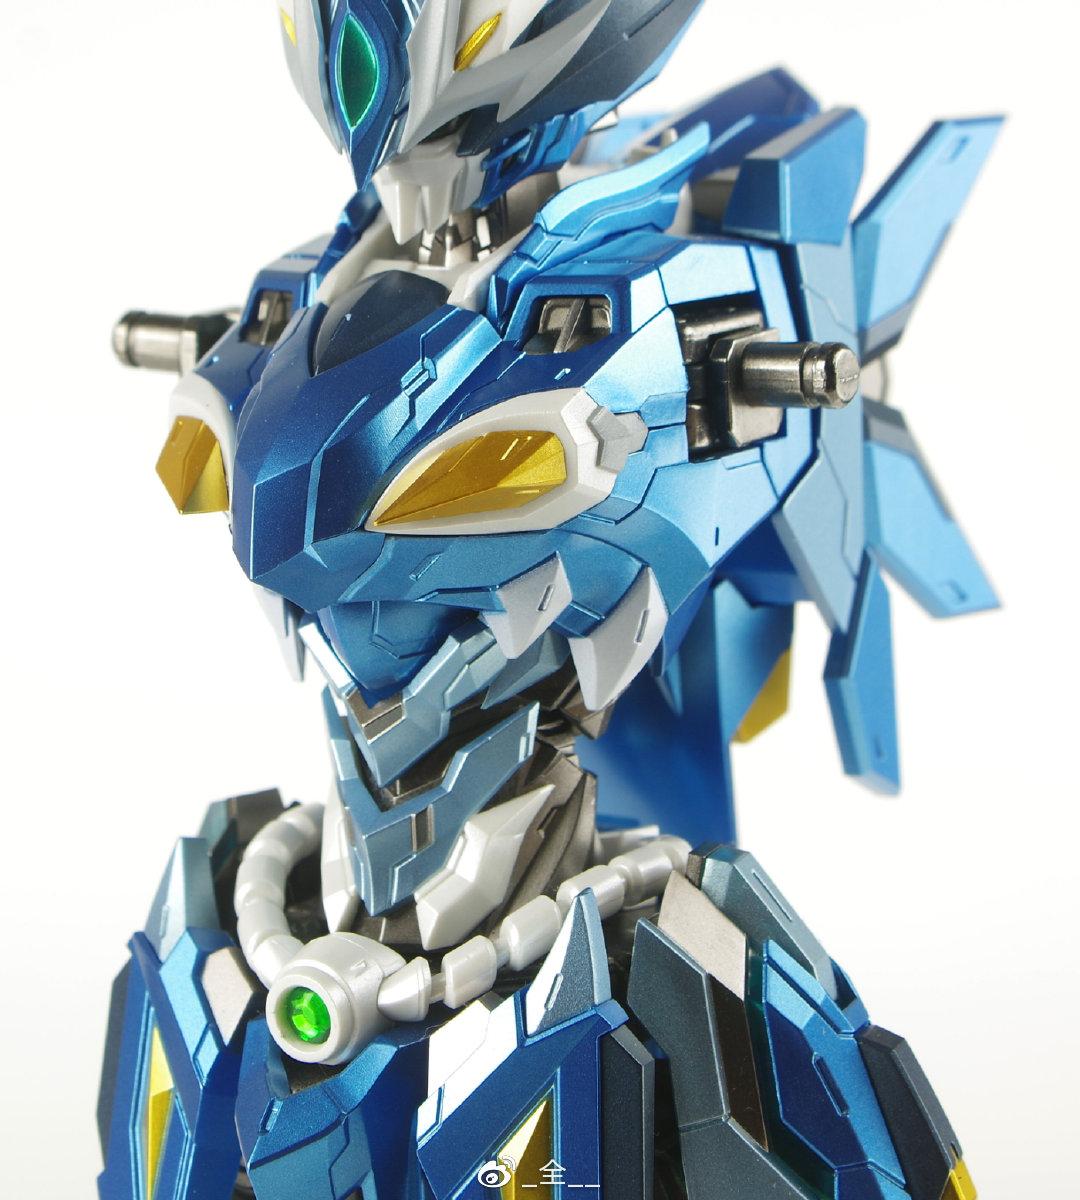 S470_MOTOR_NUCLEAR_MN_Q03_blue_gragon_ao_bing_di_hui_xing_han_long_zi_030.jpg